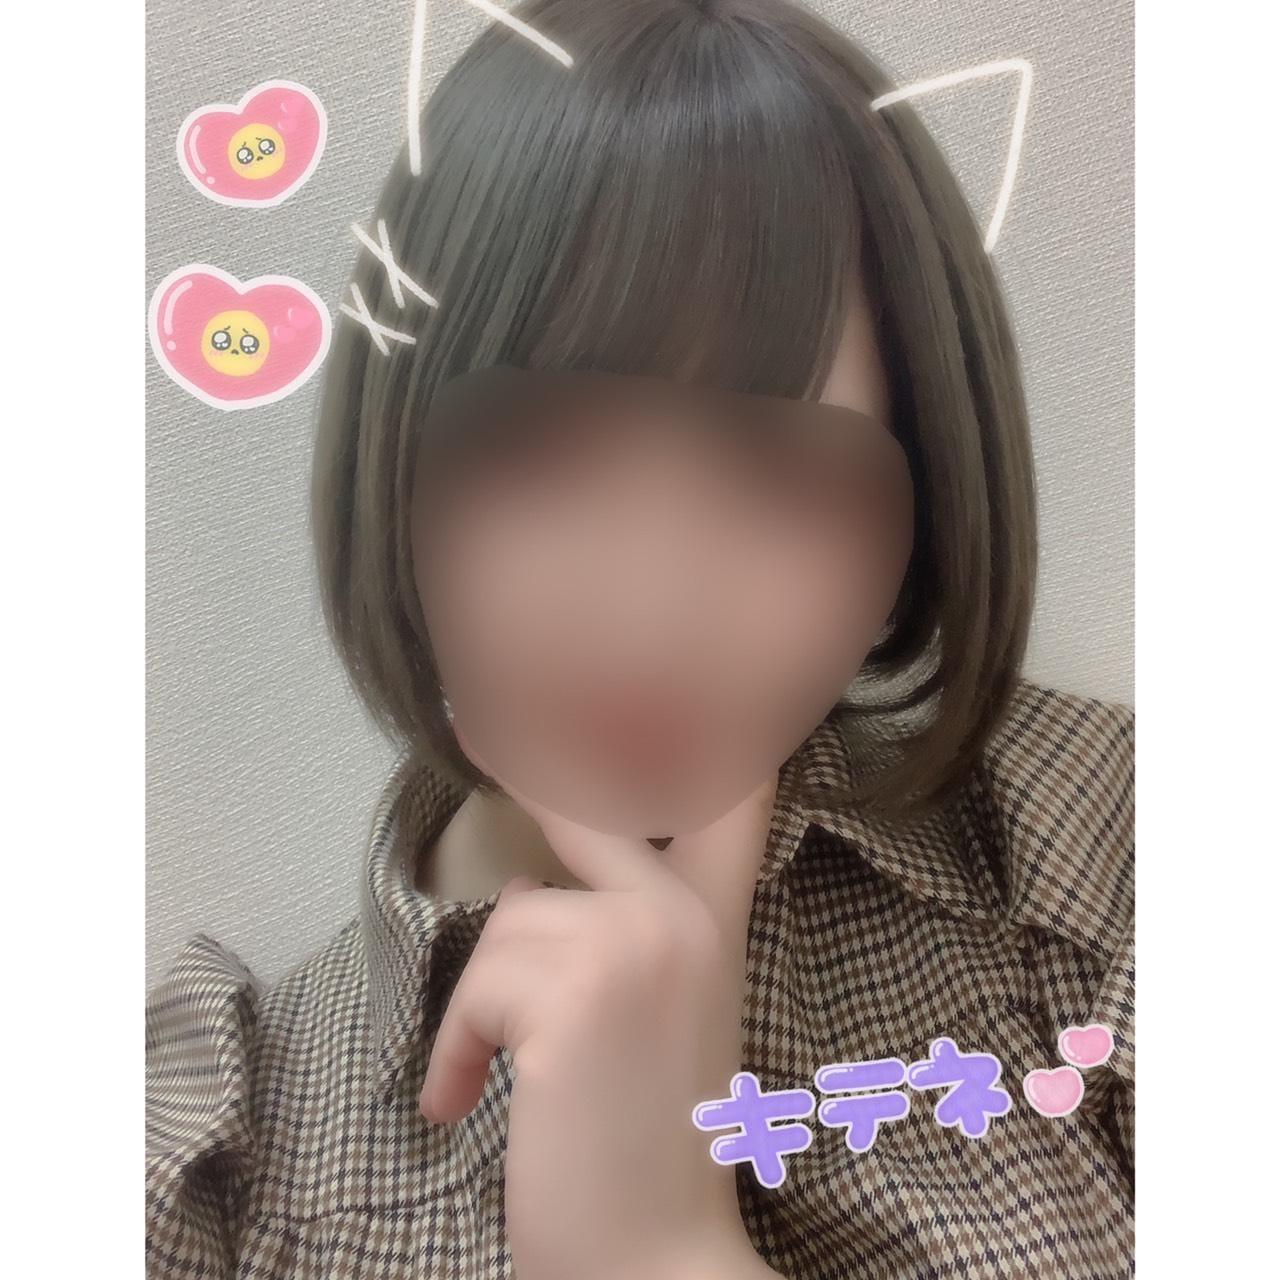 「待ってます」03/10(03/10) 15:56 | かりん(ナース)の写メ・風俗動画